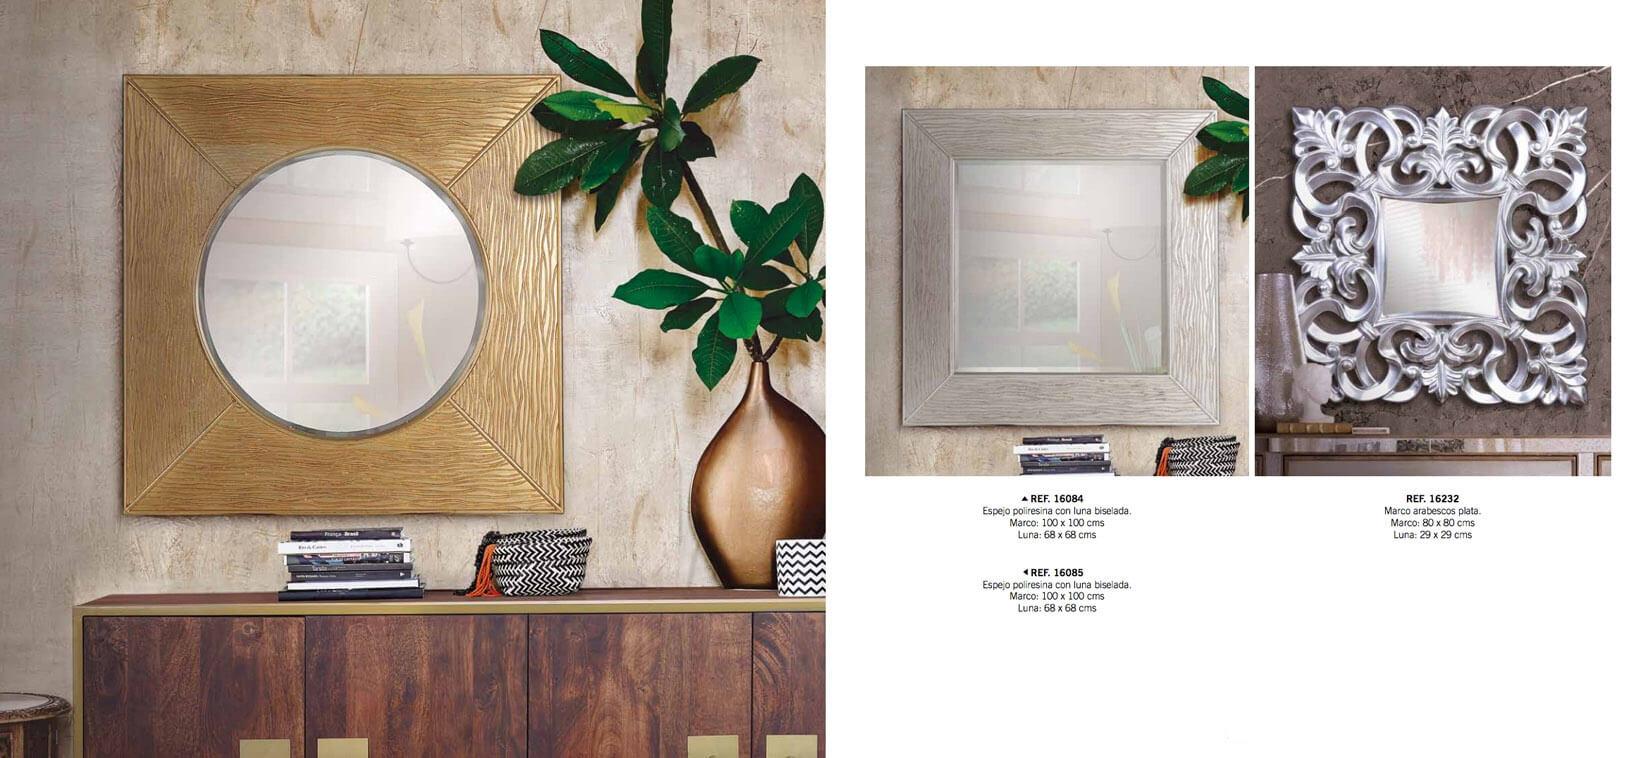 Interiorismo Espejos GYC - Ref. 0008